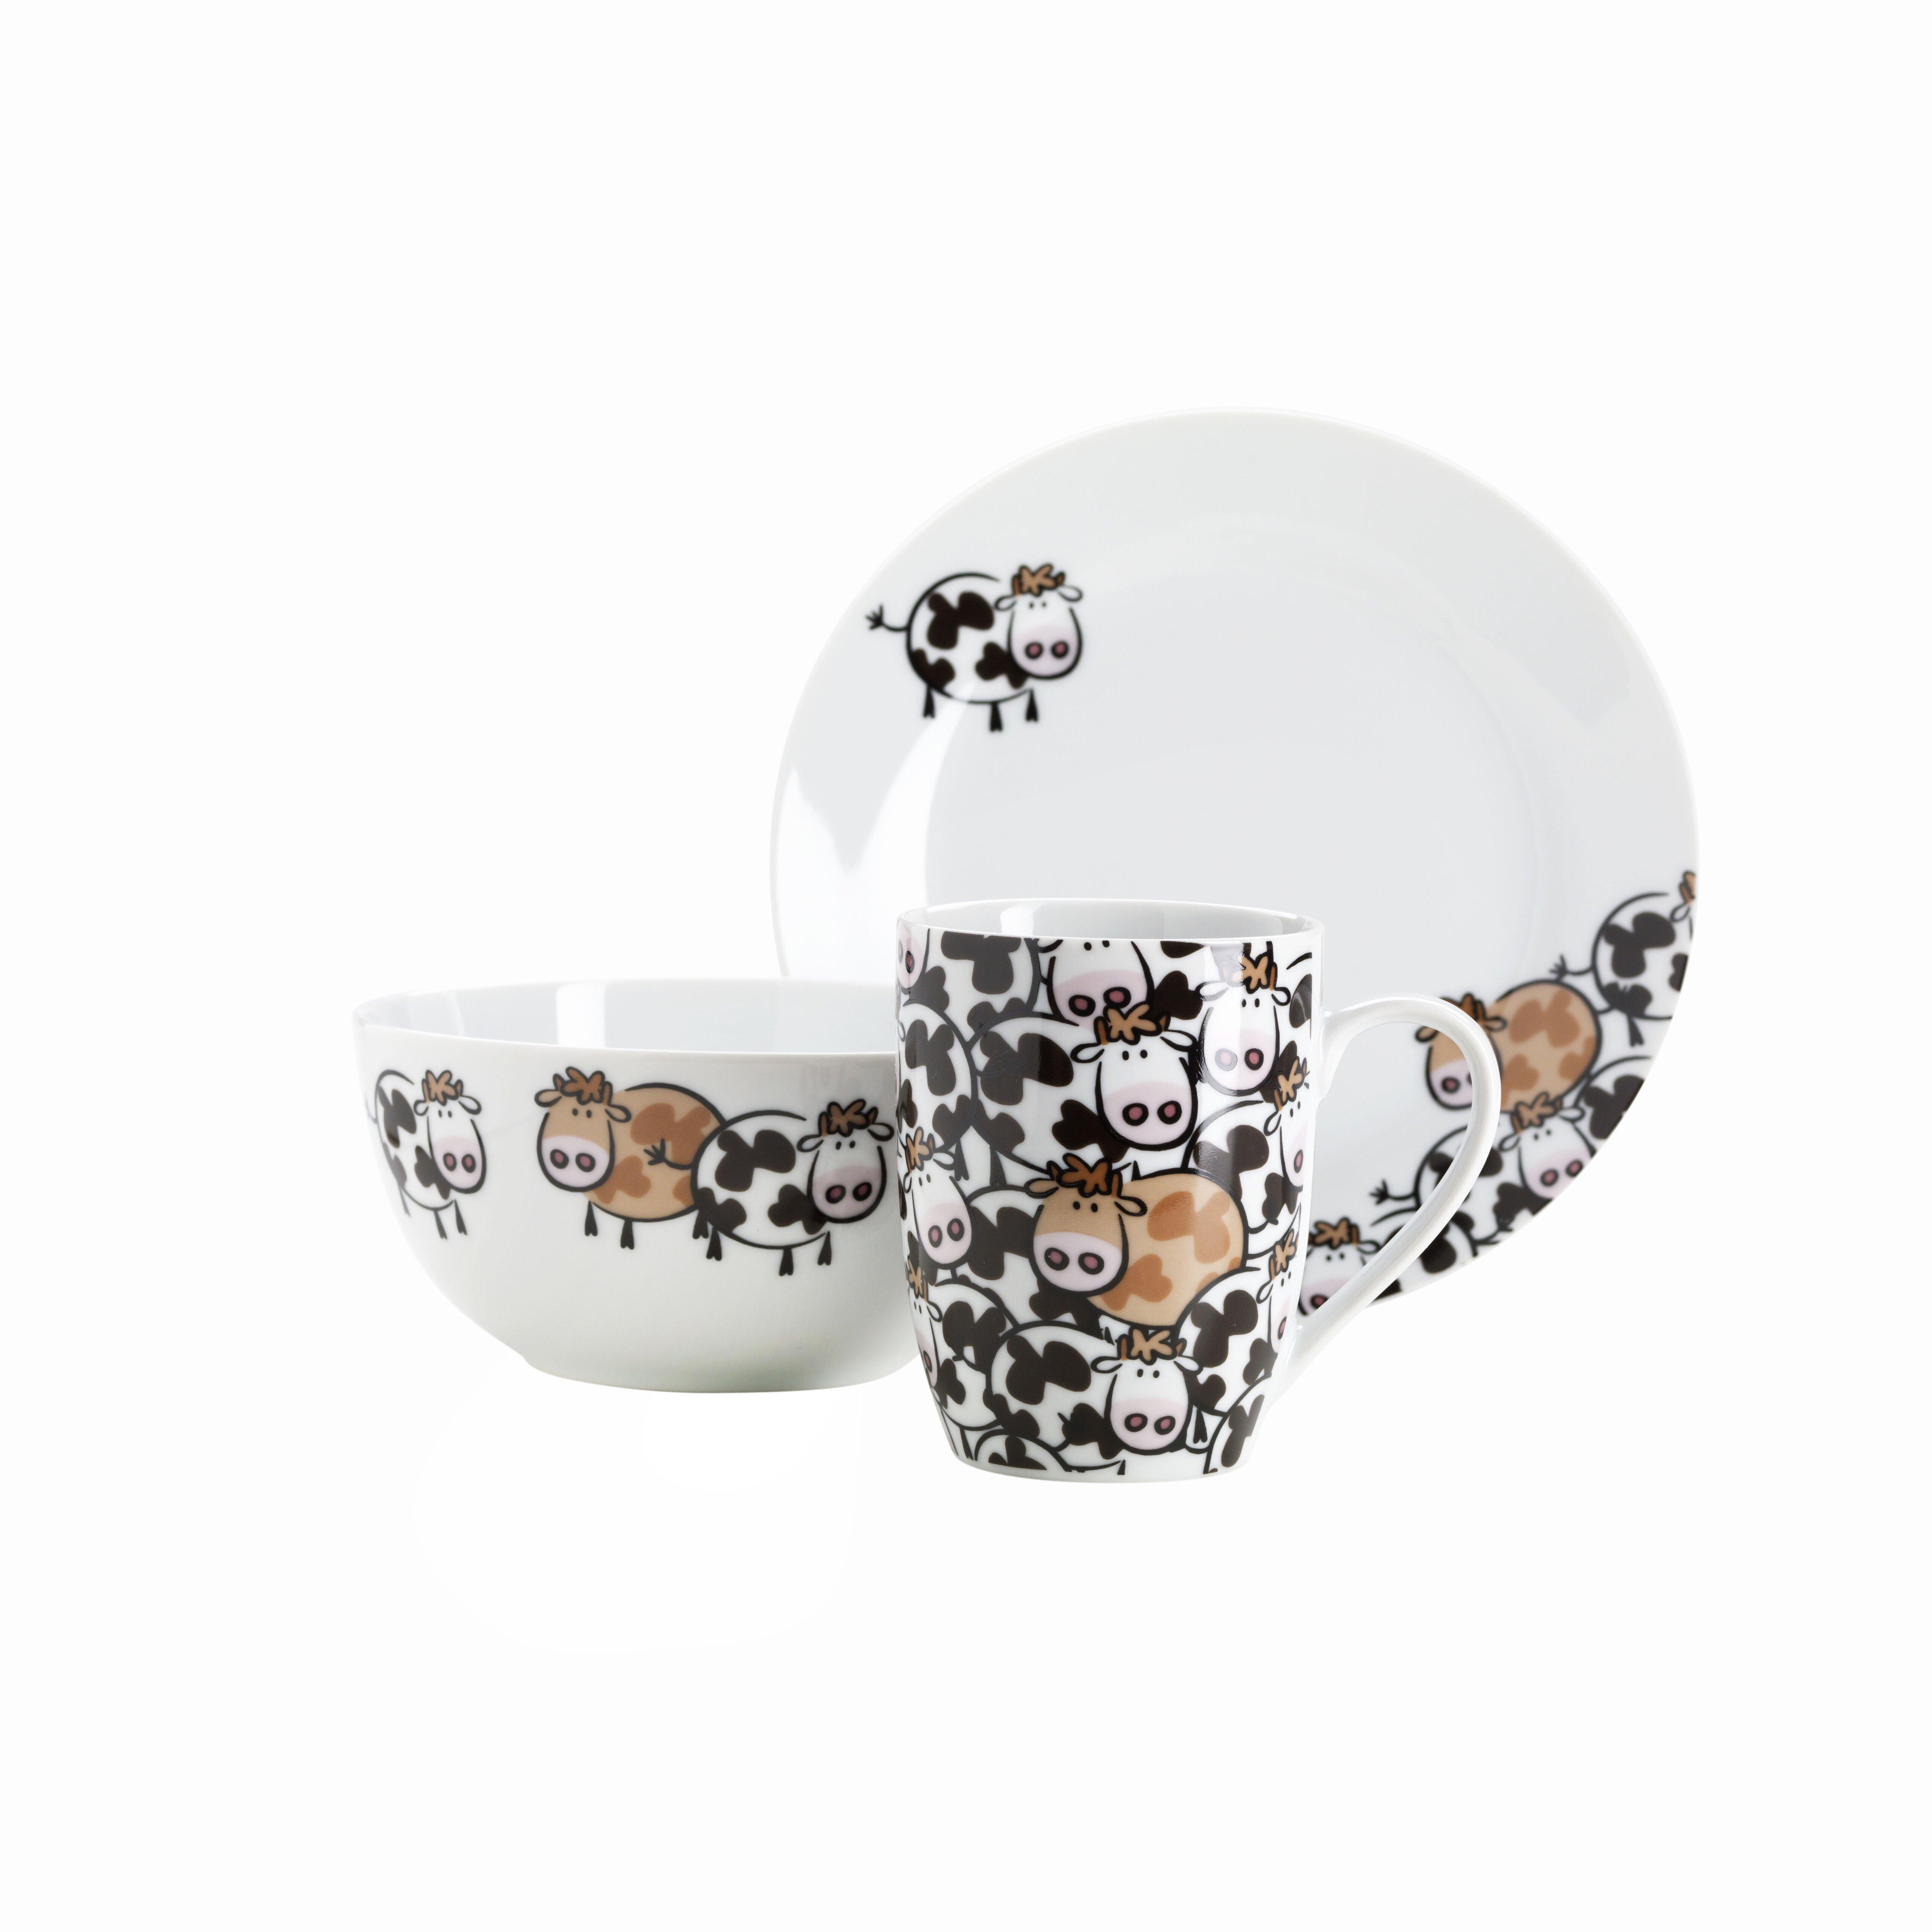 josef m ser gmbh 3 tlg fr hst cksset brown cow. Black Bedroom Furniture Sets. Home Design Ideas